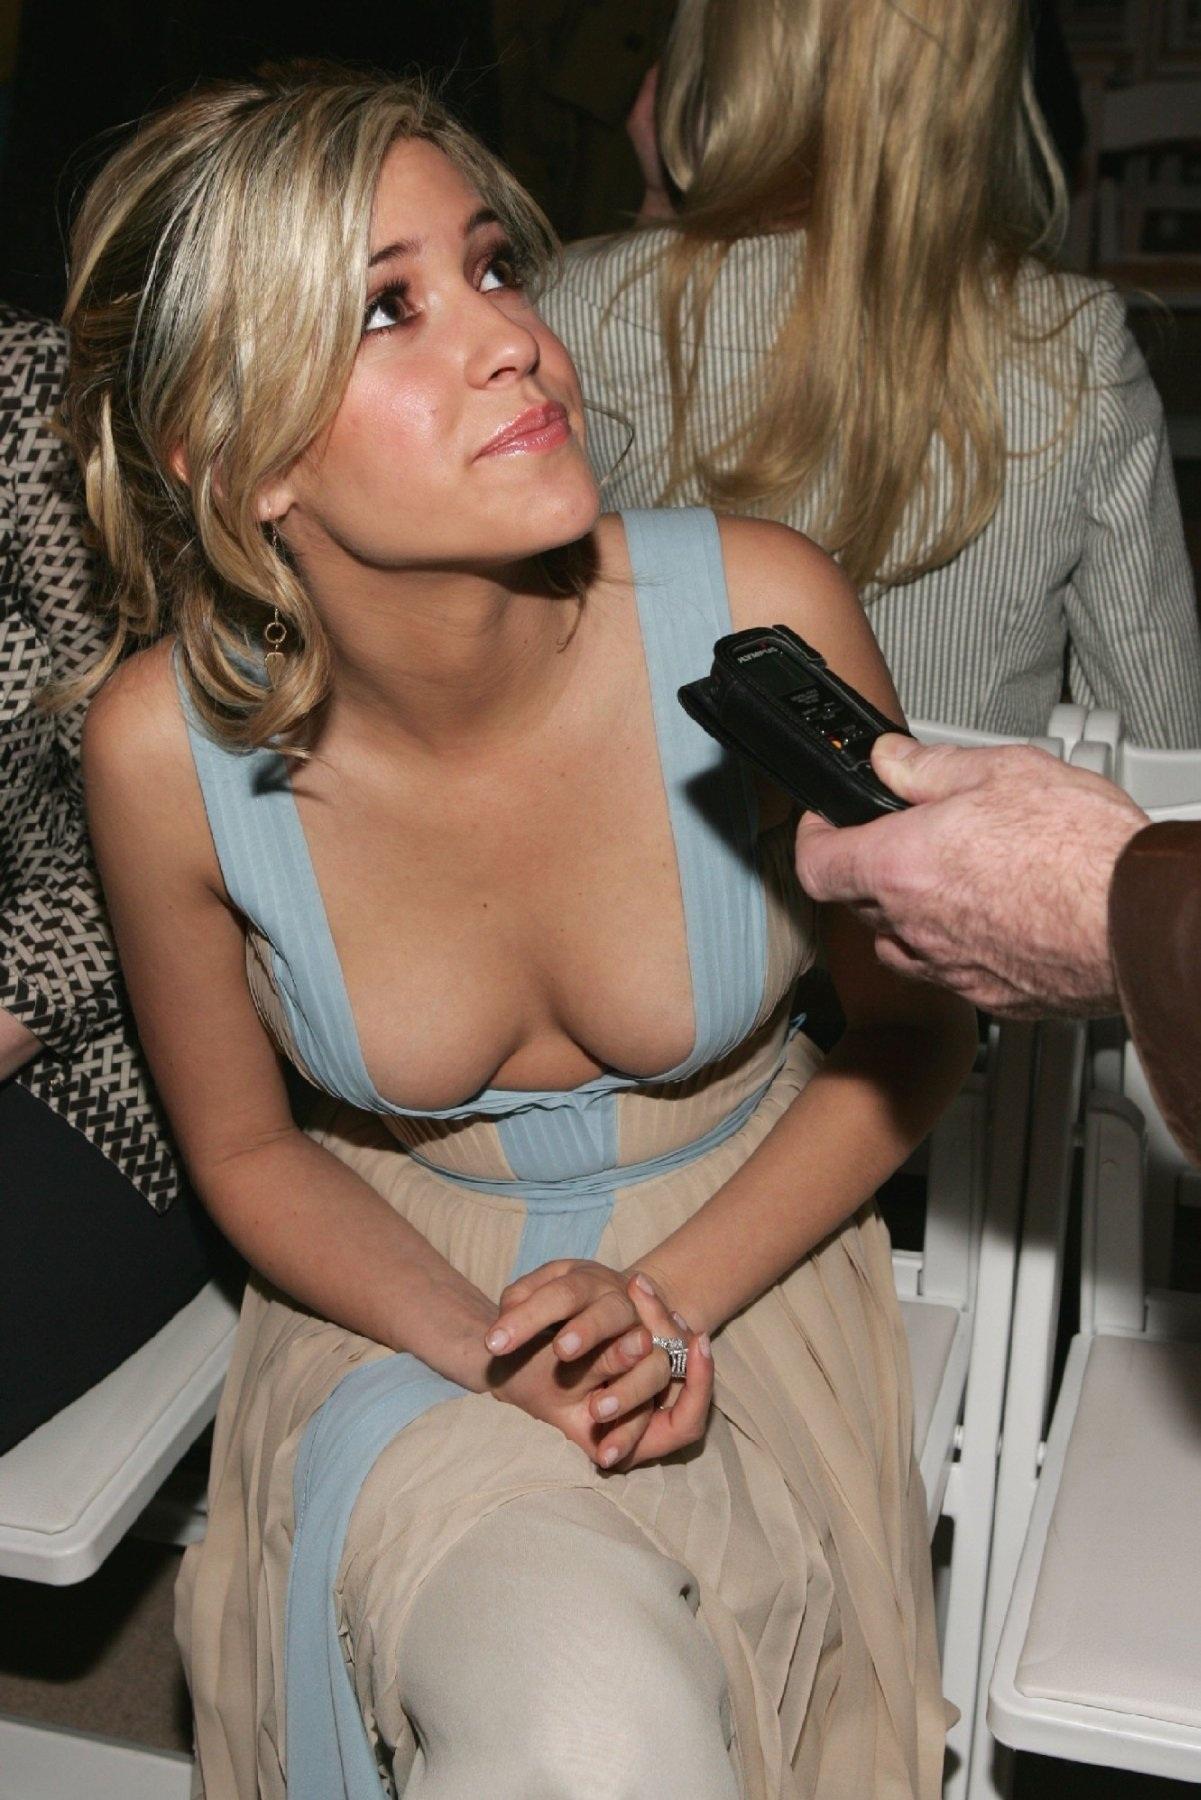 Emmanuelle chriqui fake porn